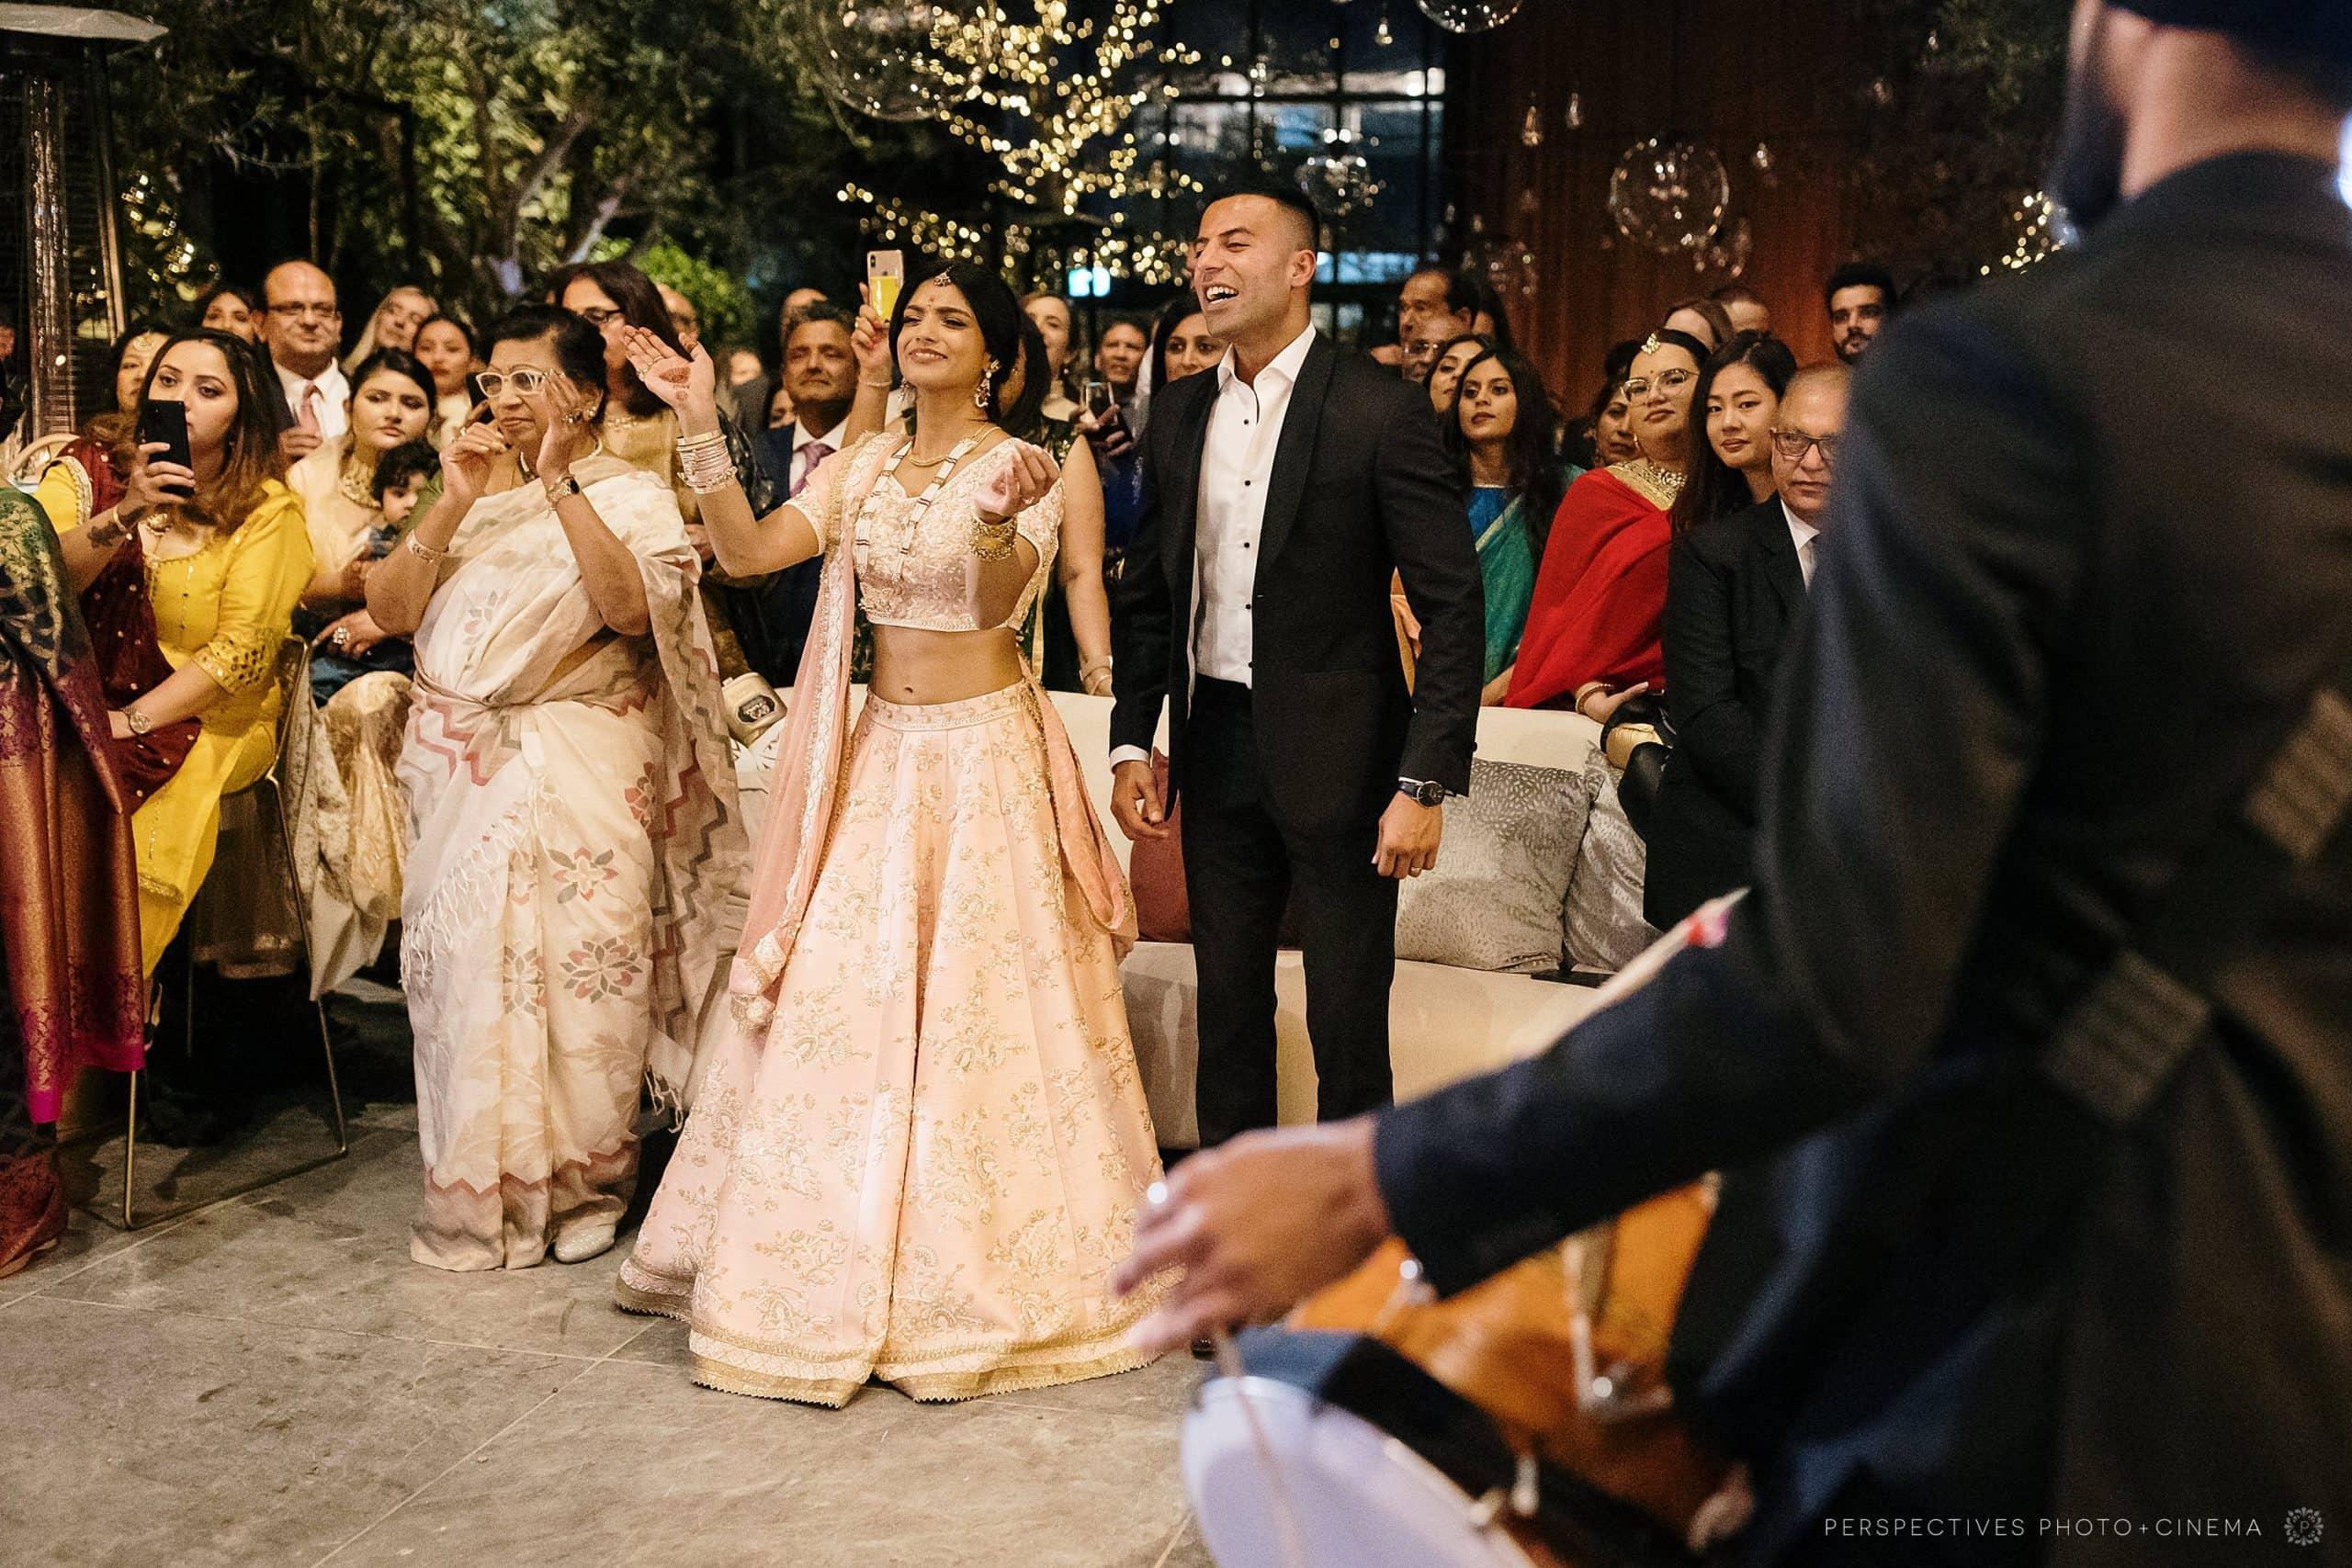 Glasshouse morningside wedding reception